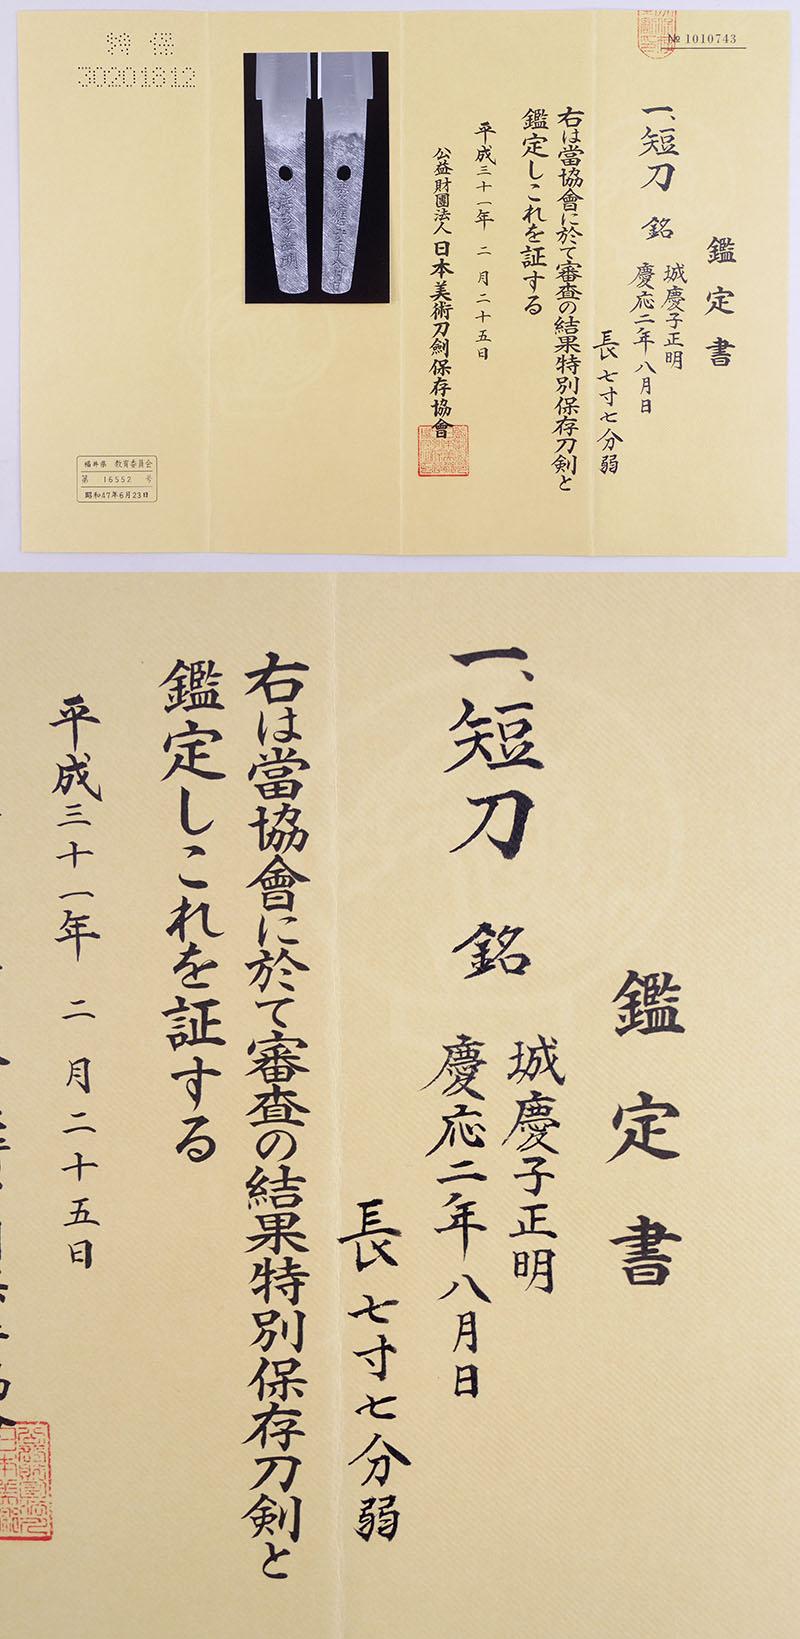 城慶子正明 Picture of Certificate